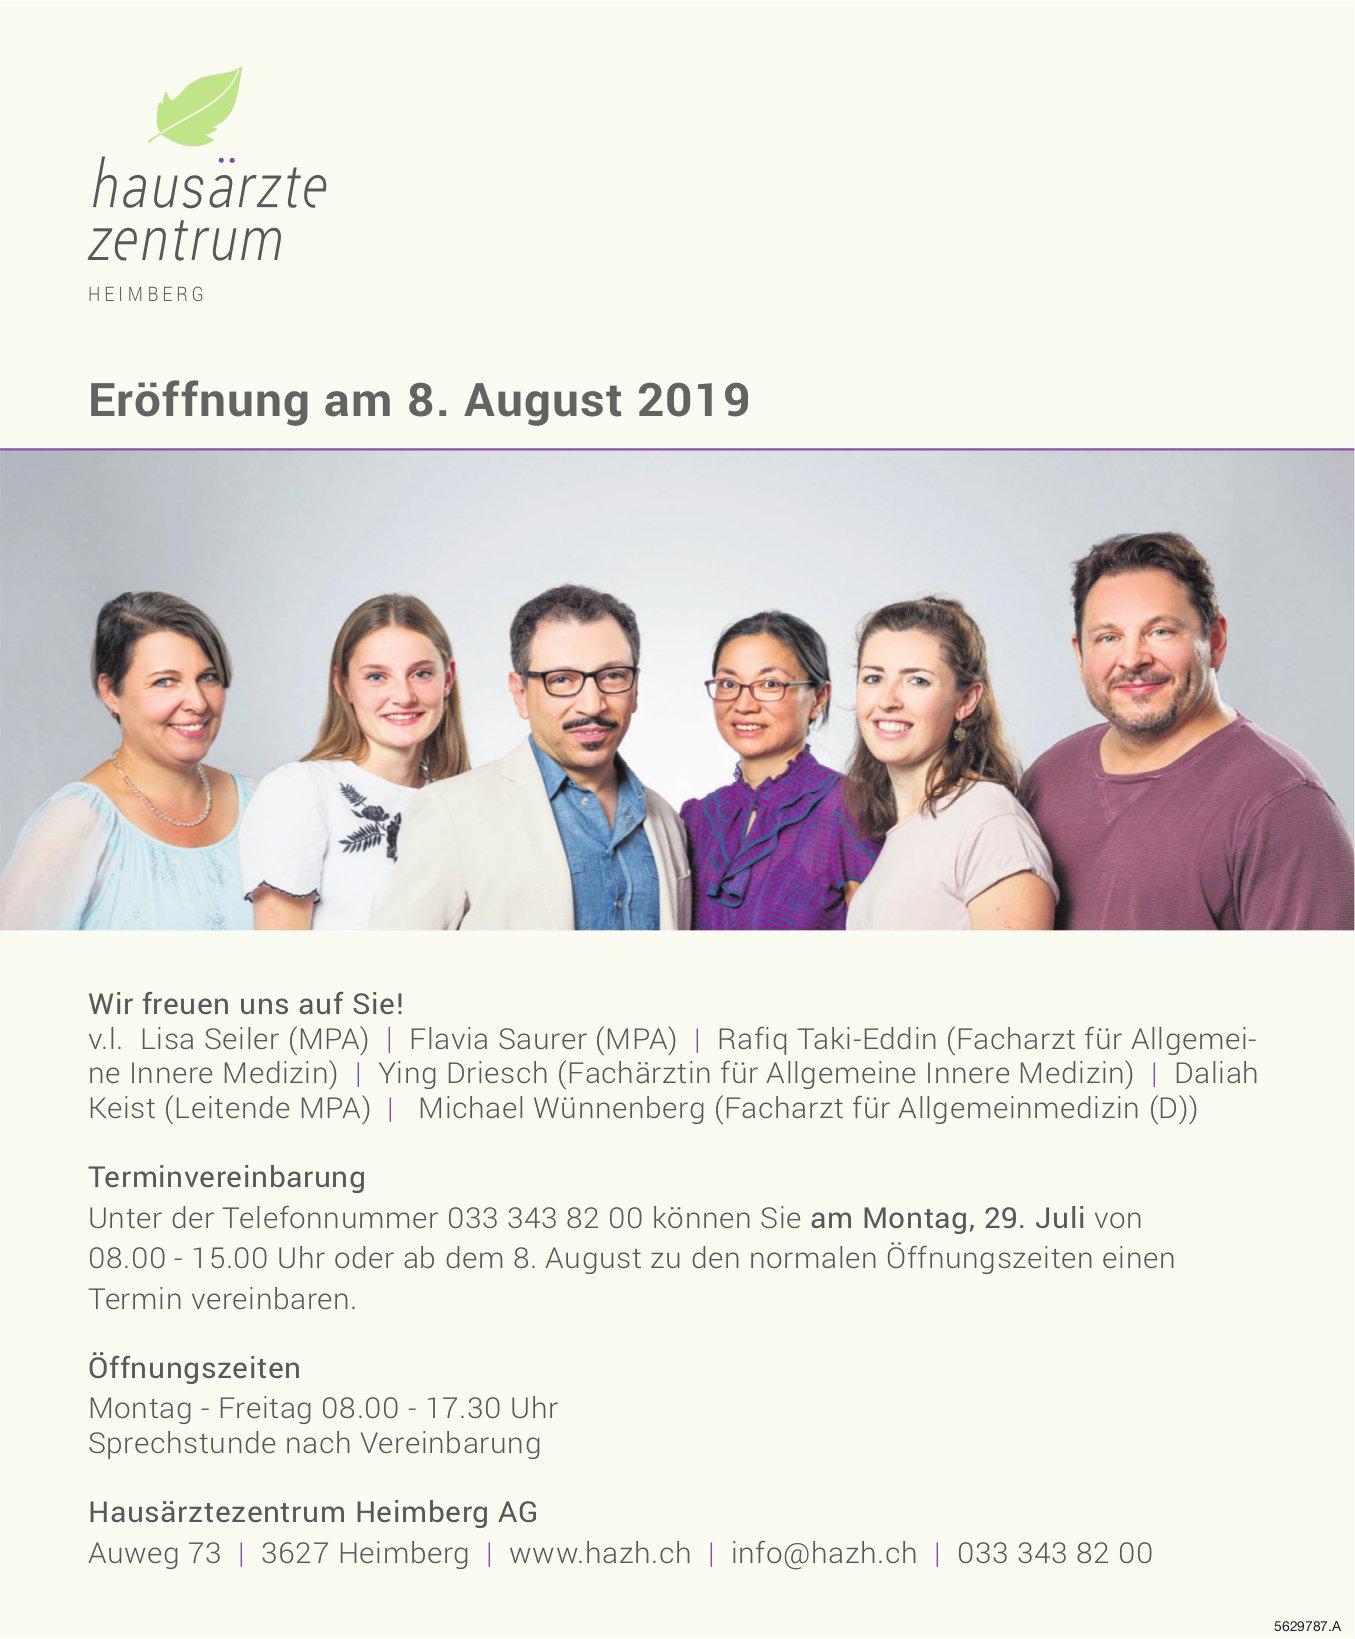 Hausärztezentrum Heimberg AG - Eröffnung am 8. August